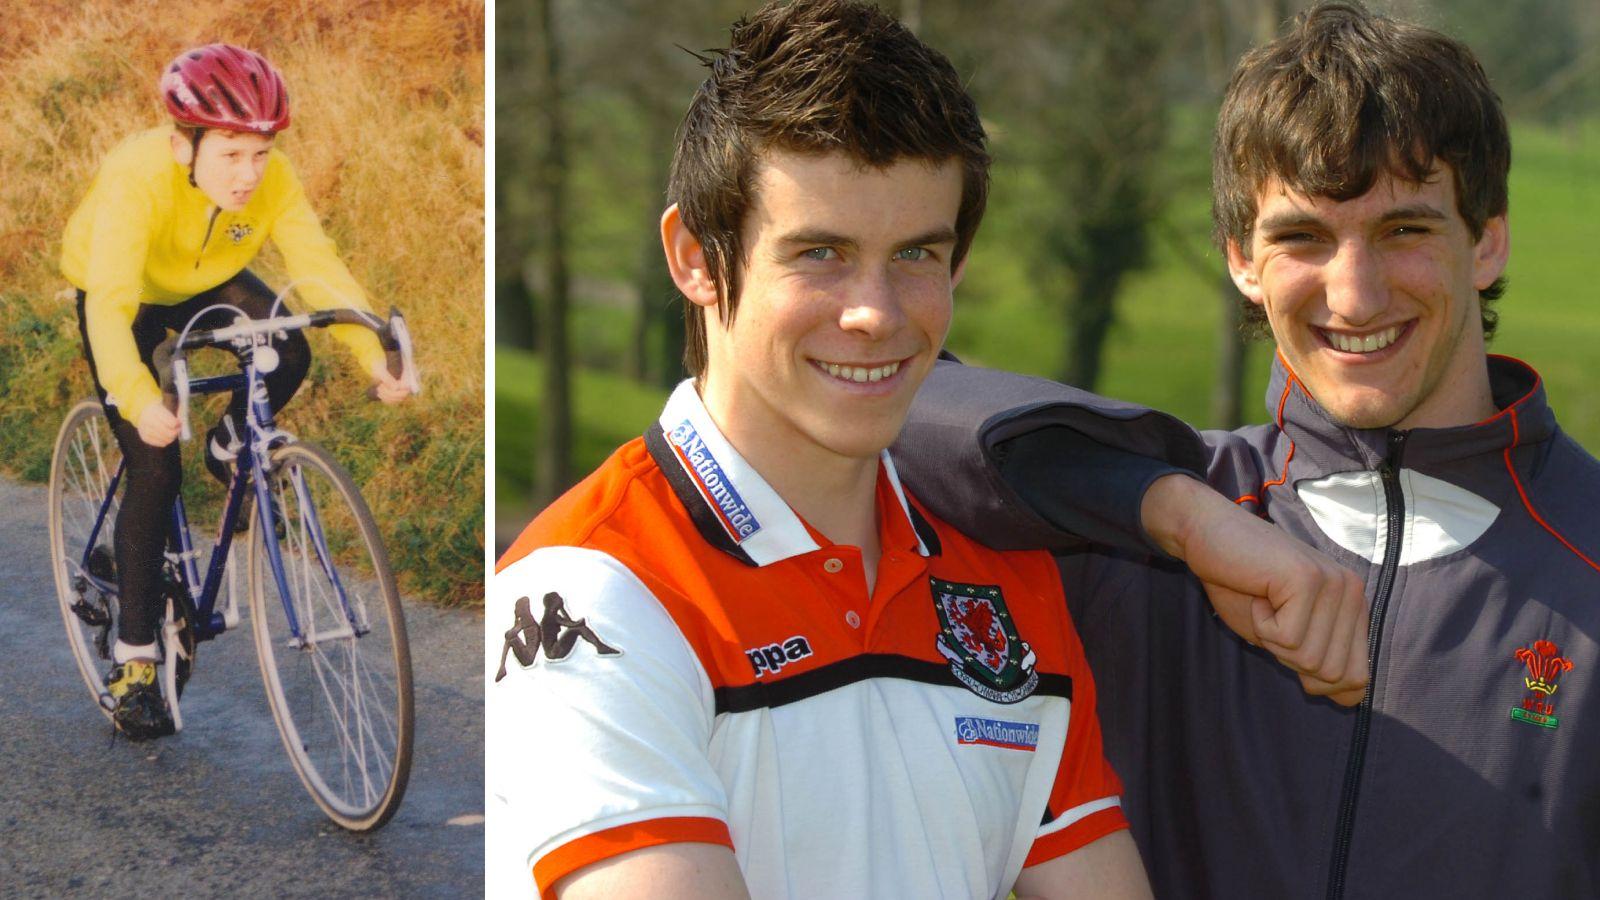 DE TRE STORE: Geraint Thomas, Gareth Bale og Sam Warburton.